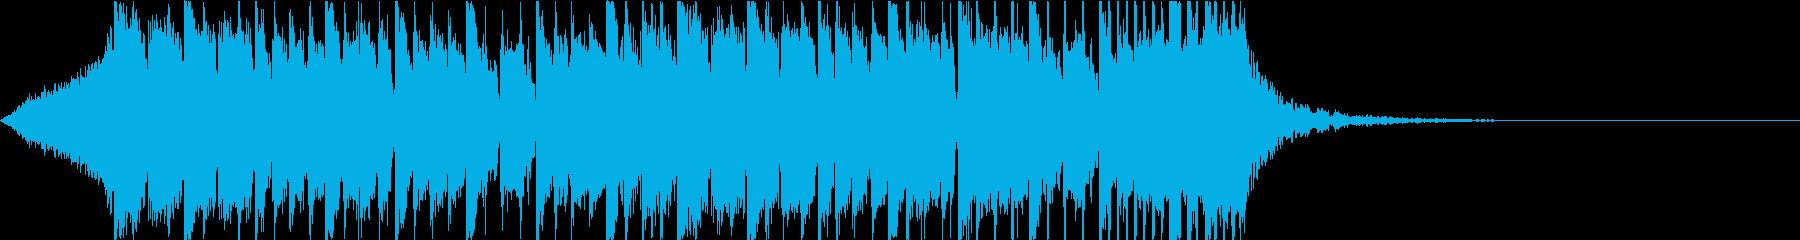 ダブステップ 重低音 ジングルの再生済みの波形